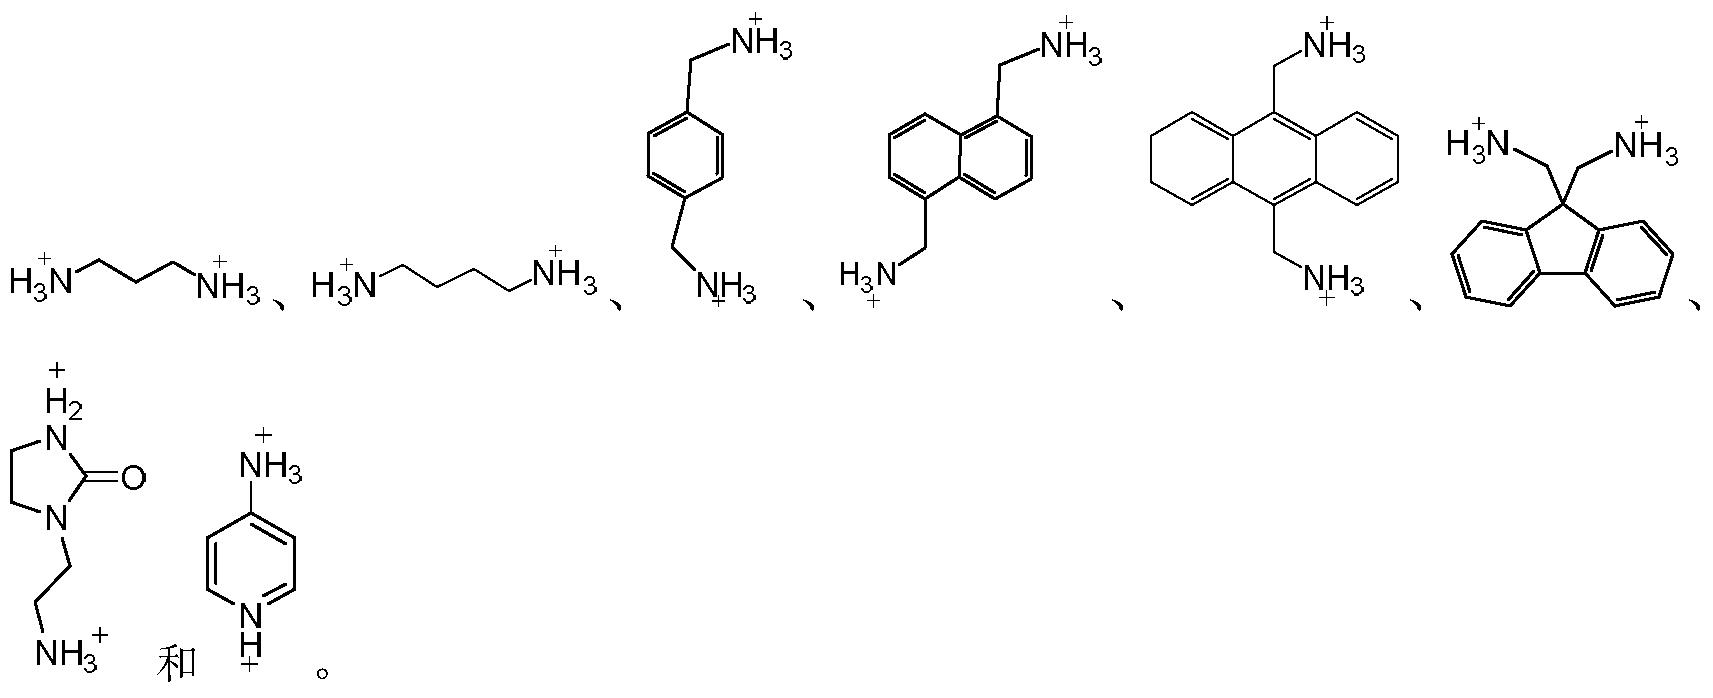 Figure PCTCN2017071351-appb-000005